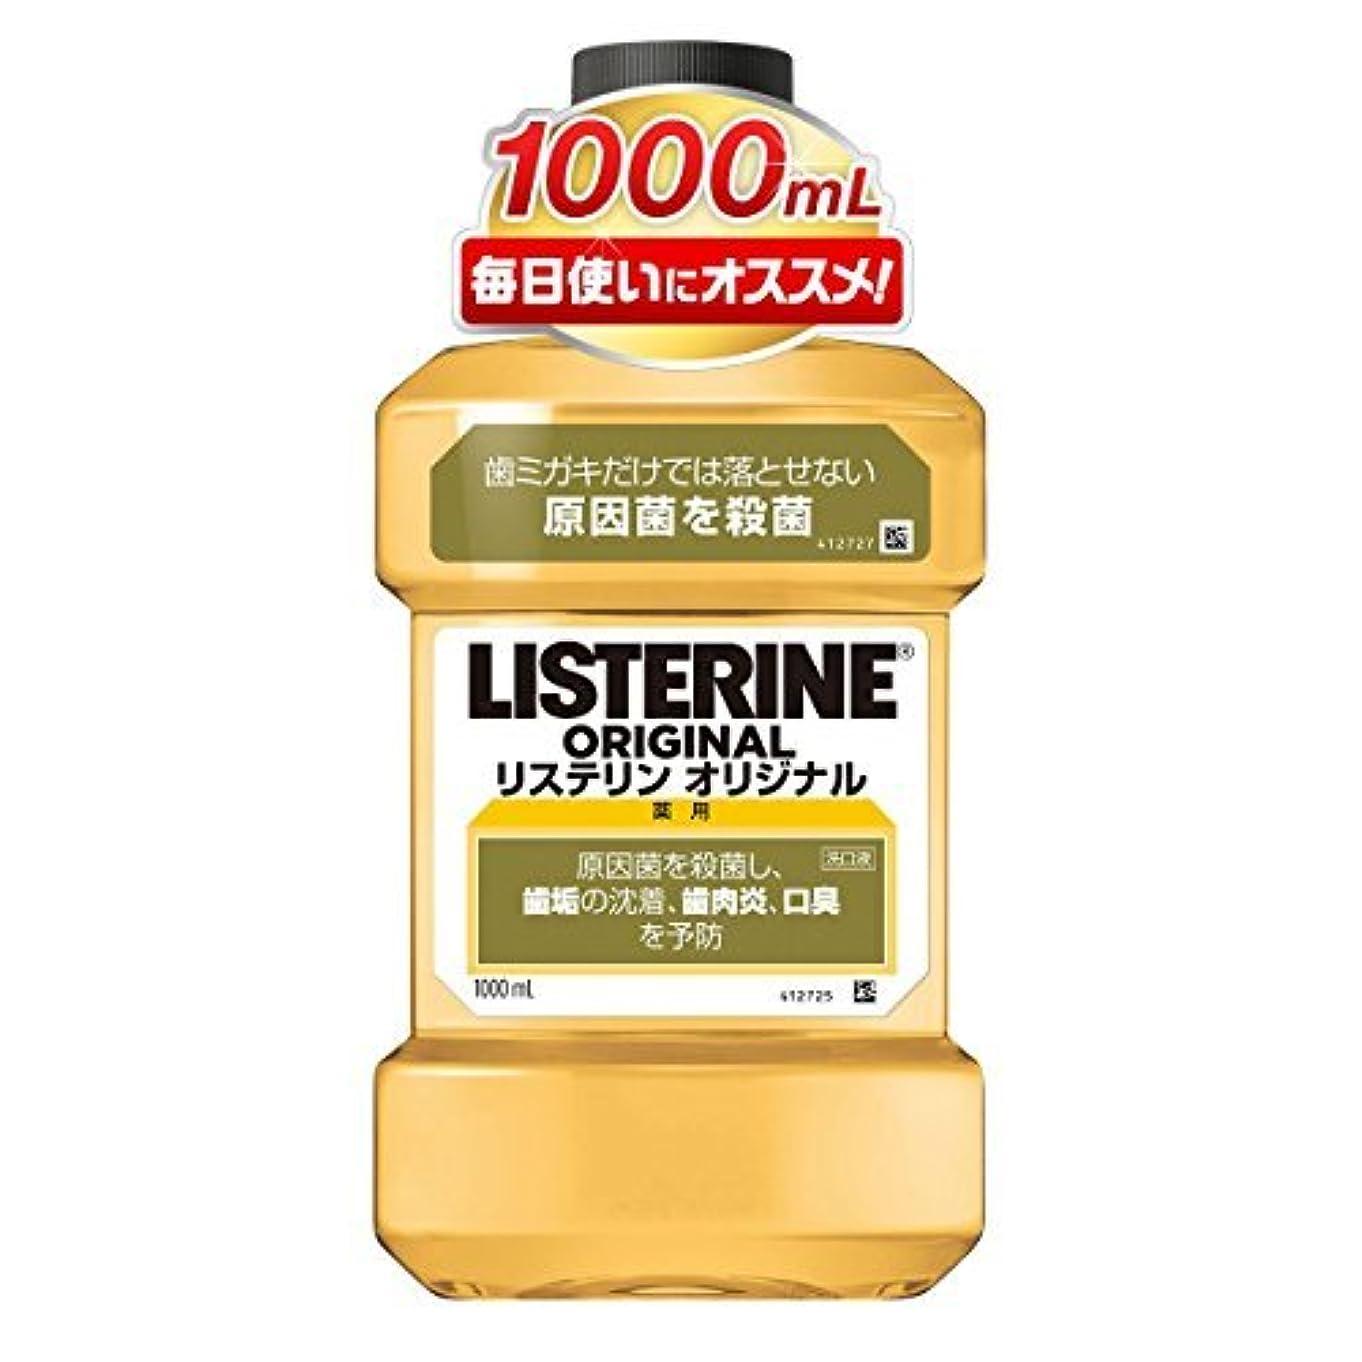 傷つきやすい静かな診断する薬用リステリン オリジナル 1000ml ×6個セット